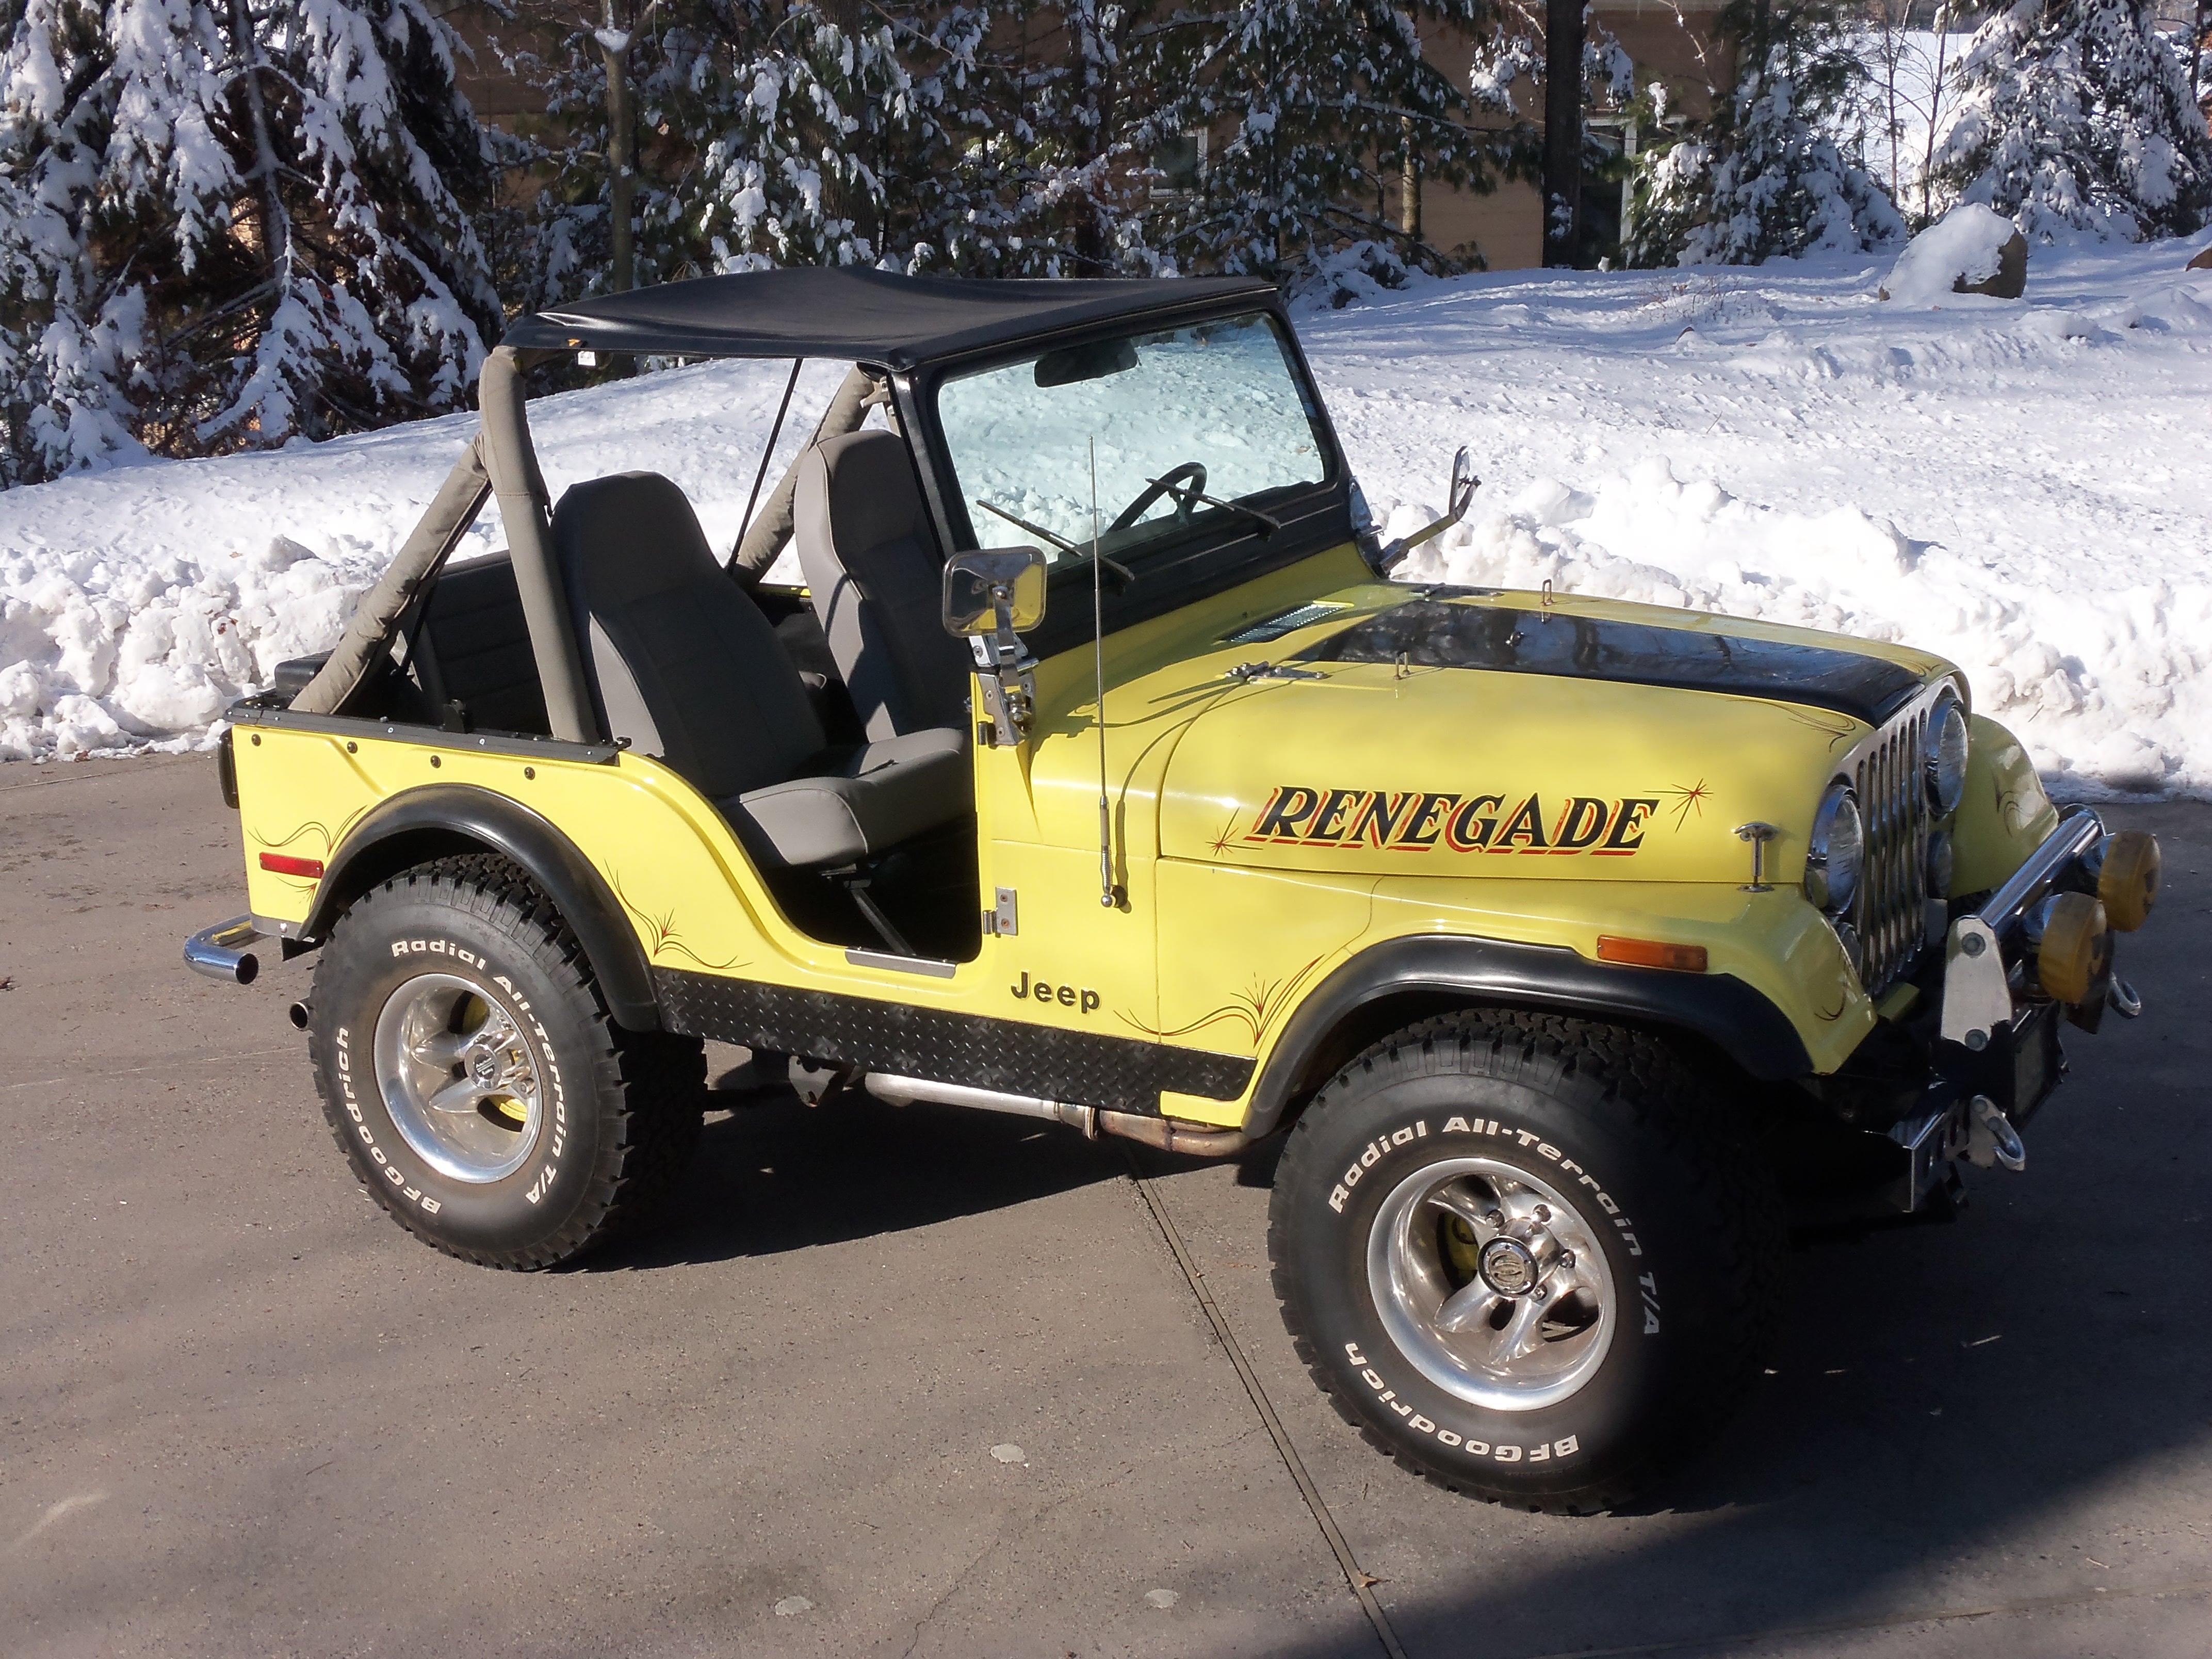 cj5 jeep - sold